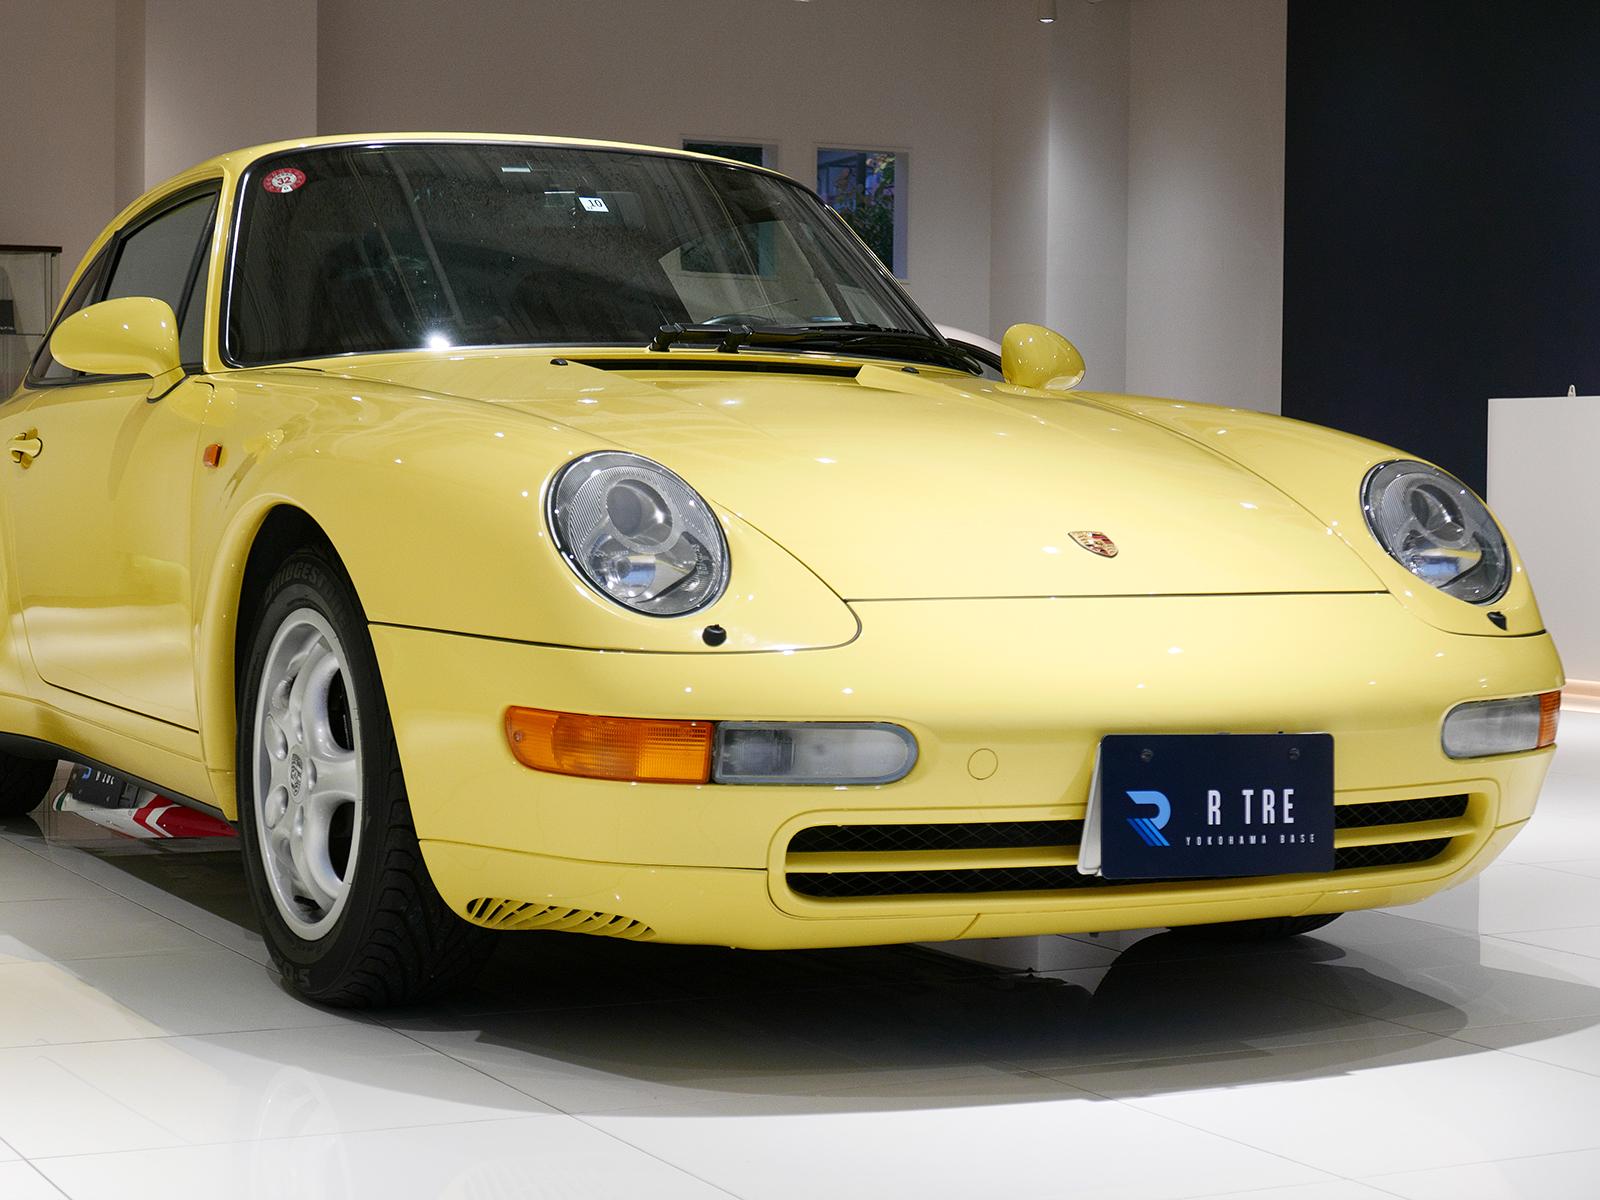 ポルシェ 911 タイプ993 カレラ タイプ Ⅰ 右フロント